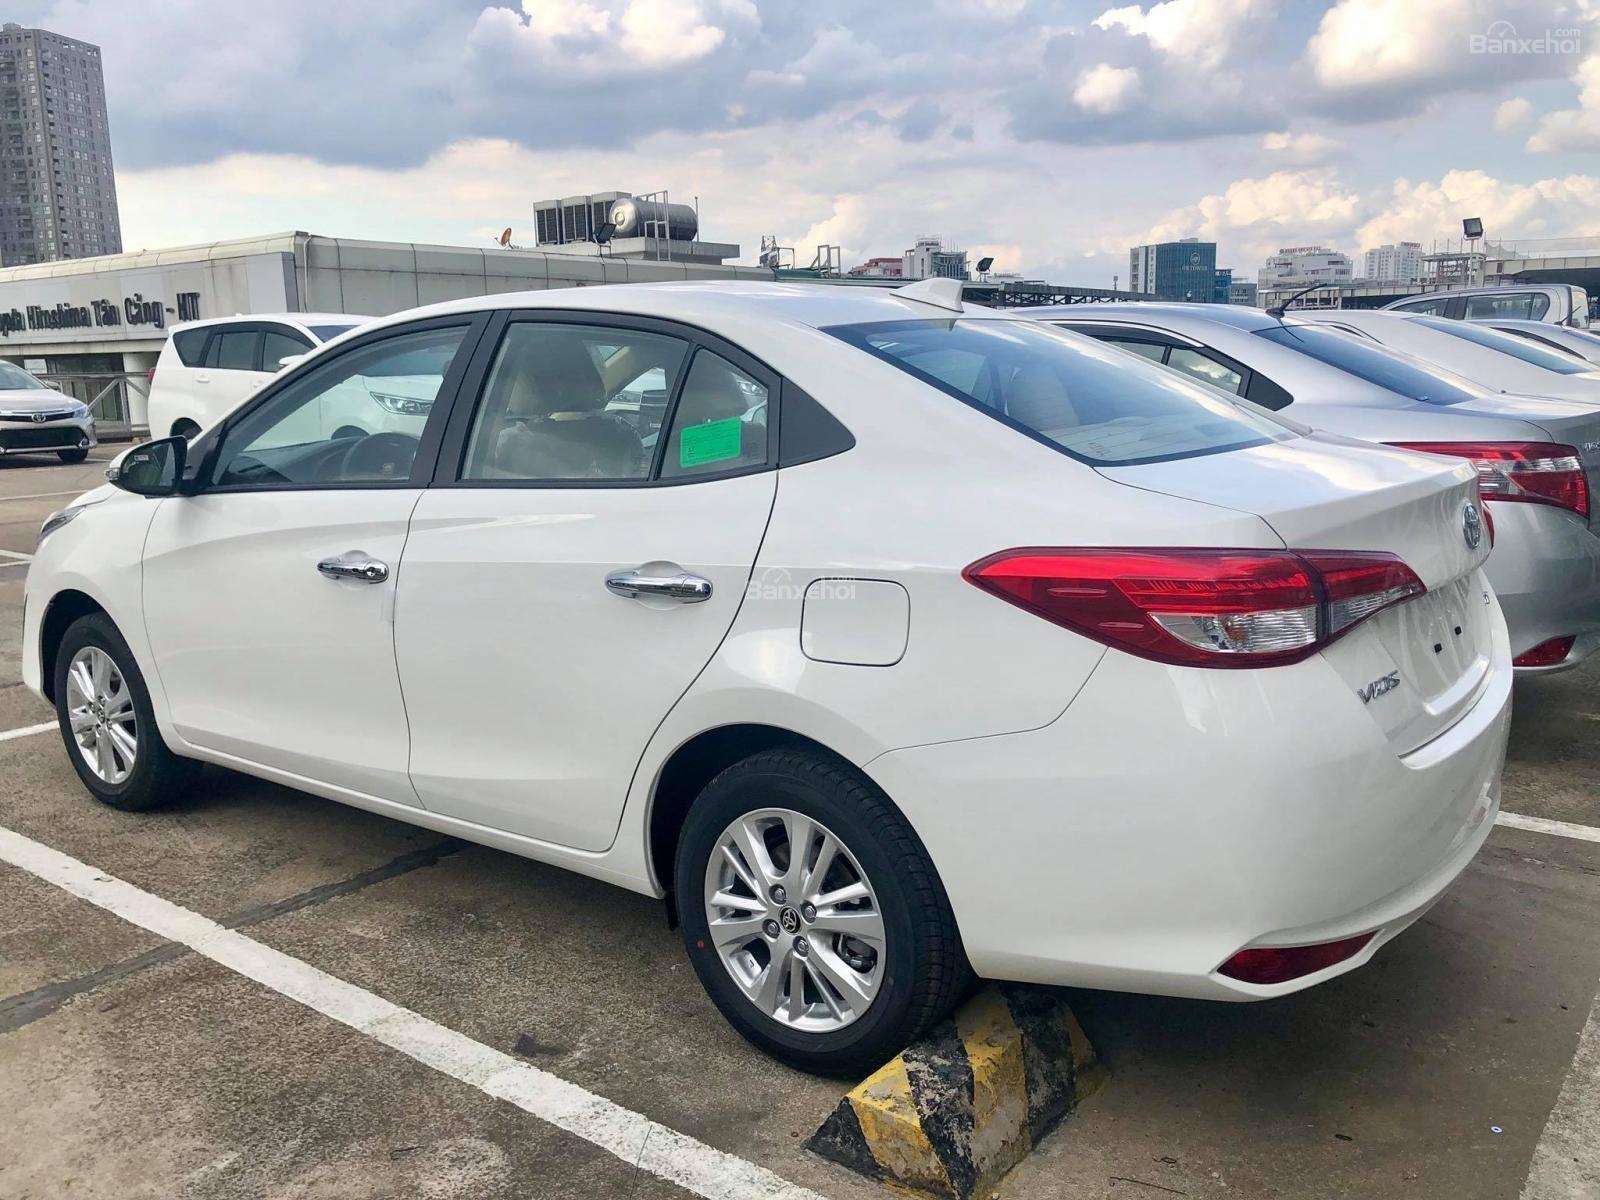 Toyota Tân Cảng Bán Vios 2019 Khuyến Mãi Lớn Nhất Năm-Trả Trọn Gói 150 Trđ Nhận Xe-LH 0901923399-6